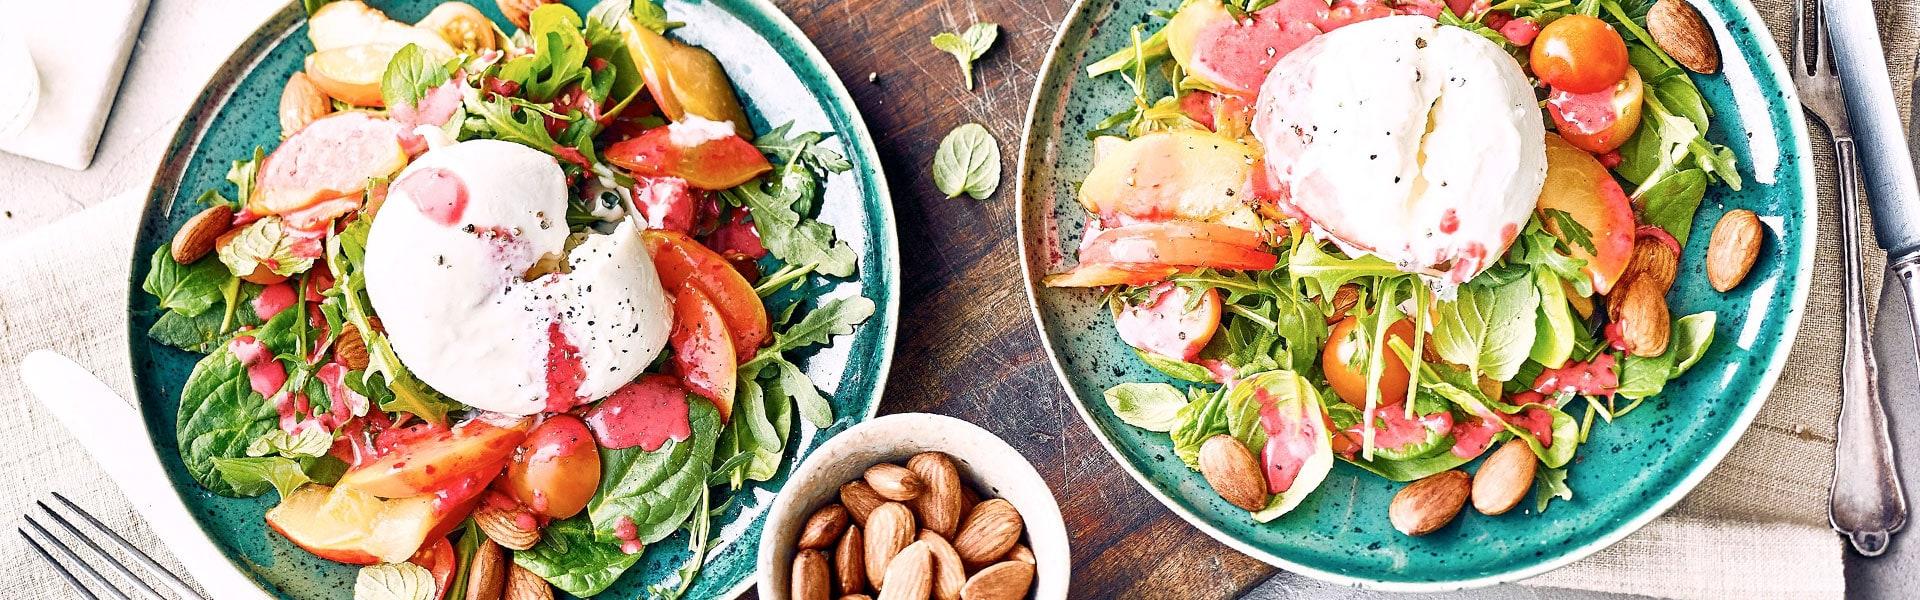 Burrata-Nektarinen-Salat